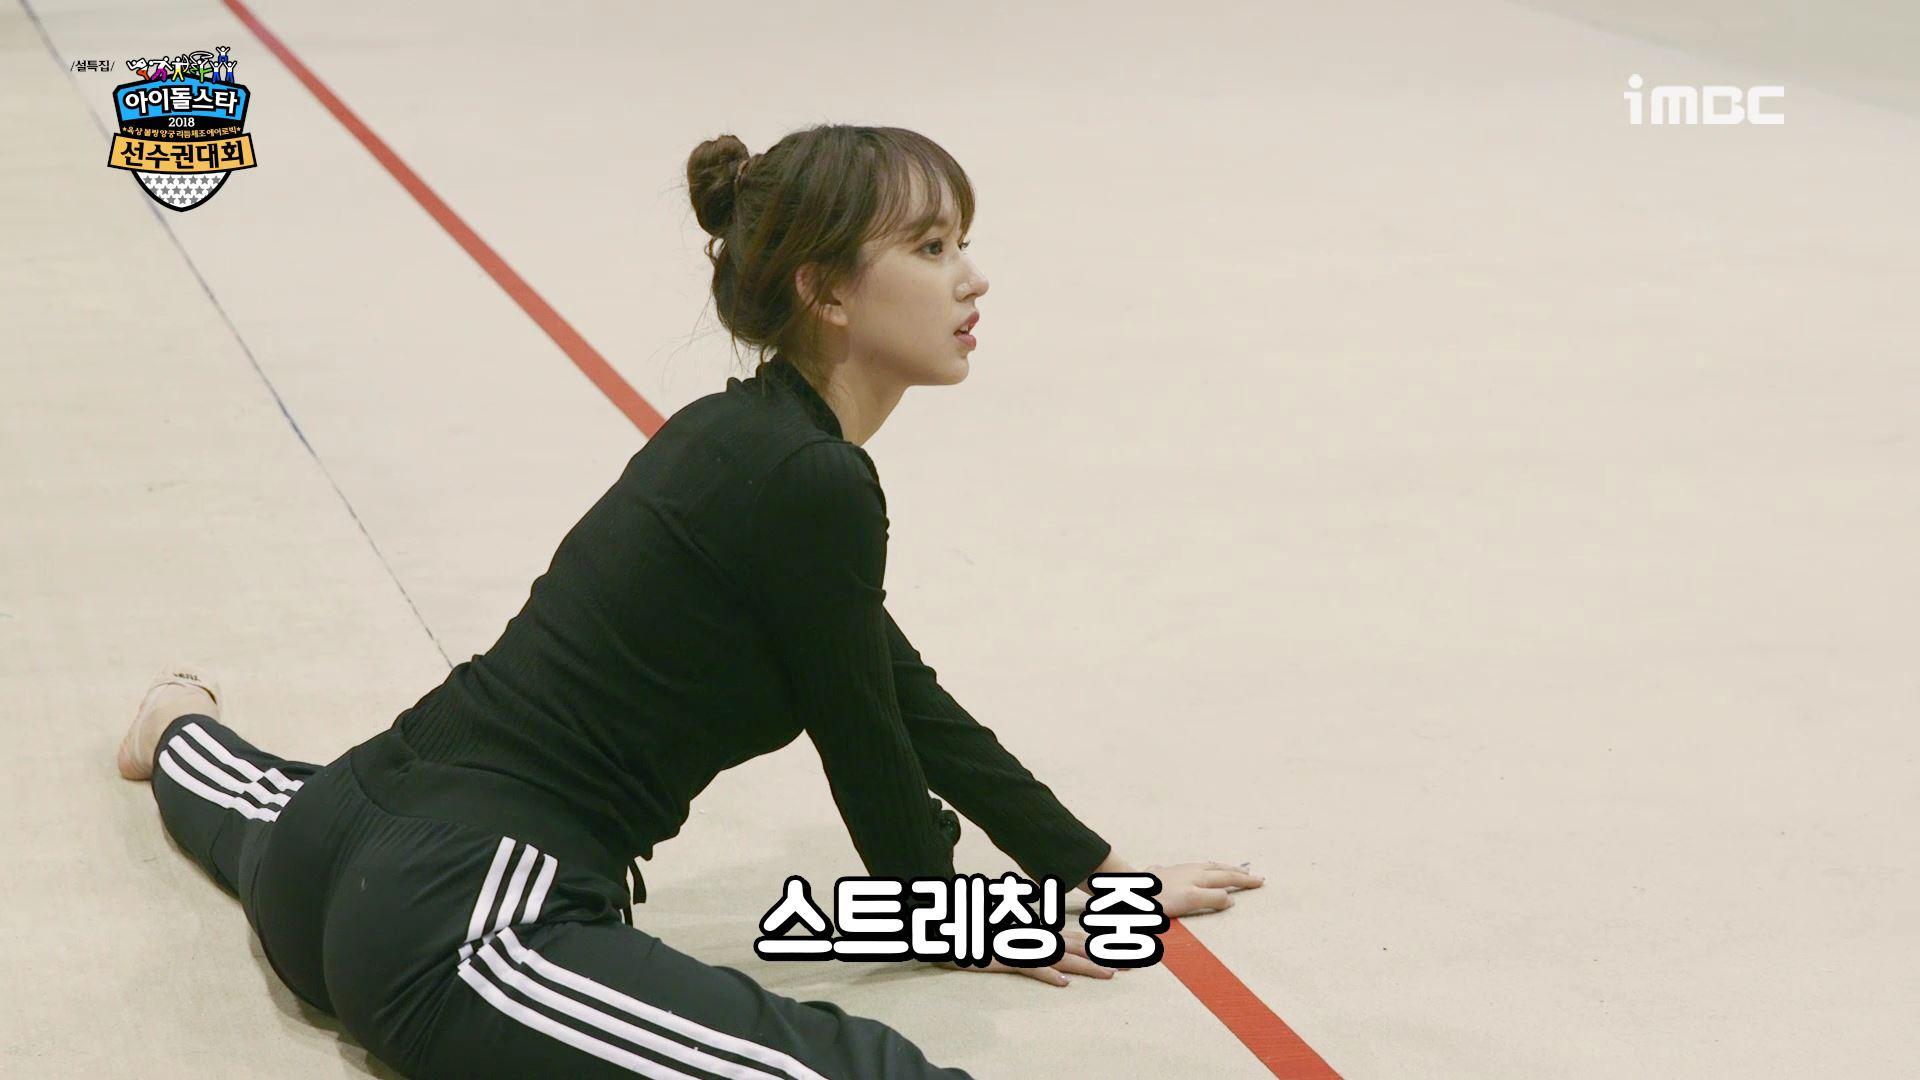 [아육대 연습영상⑦] 우주소녀 성소, '리듬체조 여신'의 선택은 2018 유행색 '보라'